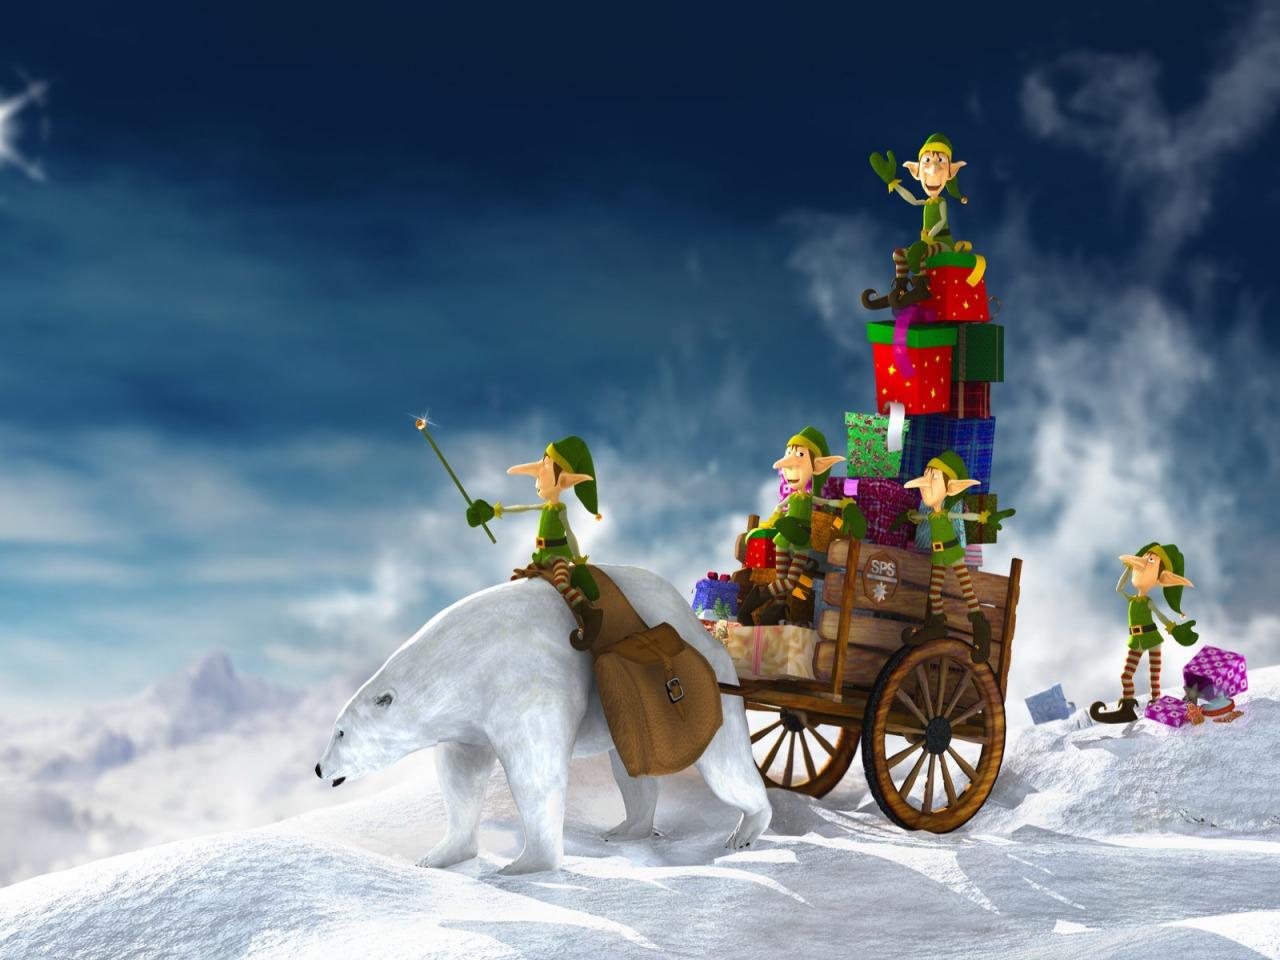 http://2.bp.blogspot.com/_-ej2nIqR7_A/THCt1xds_DI/AAAAAAAACSs/lDfE3vWRzHo/s1600/elves-christmas-wallpapers_1280x960.jpg